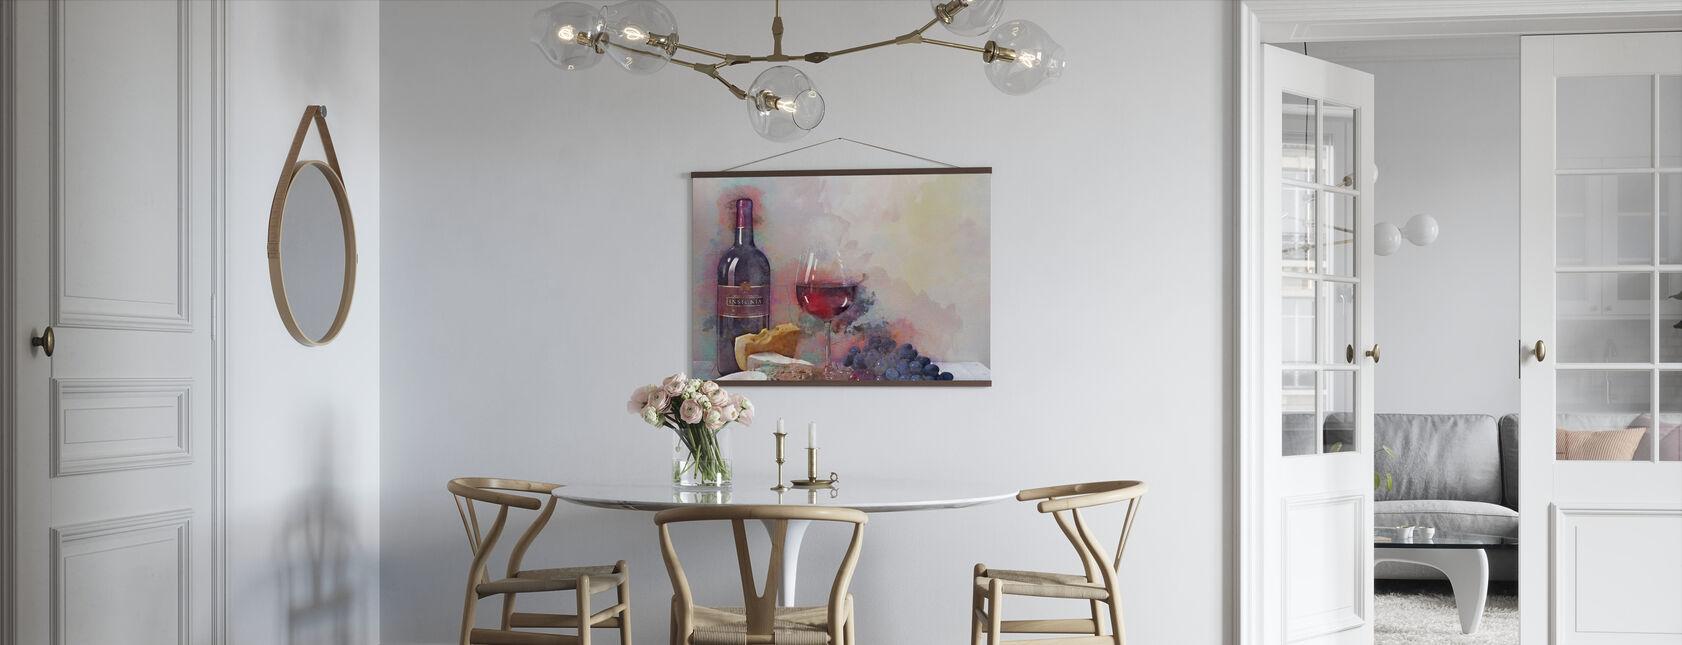 Ett speciellt tillfälle - Poster - Kök